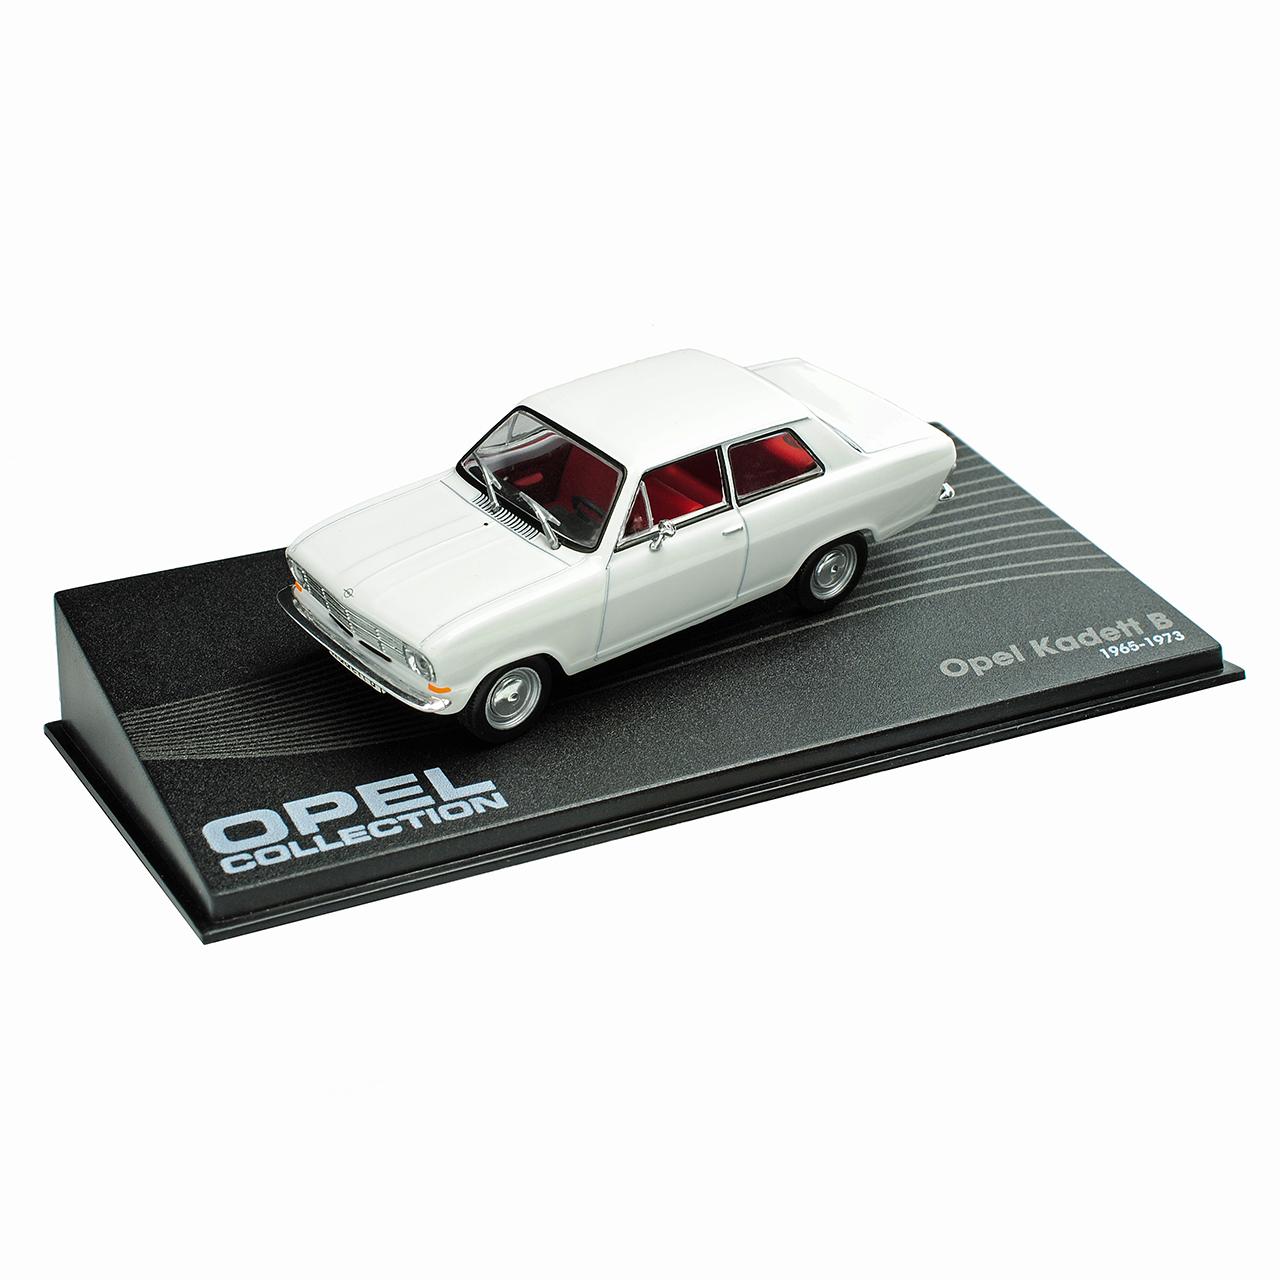 Opel Kadett B Coupe Limousine Weiss Weiss Weiss 1965-1973 Nr 52 1 43 Ixo Modell Auto mit o.. 2082dc